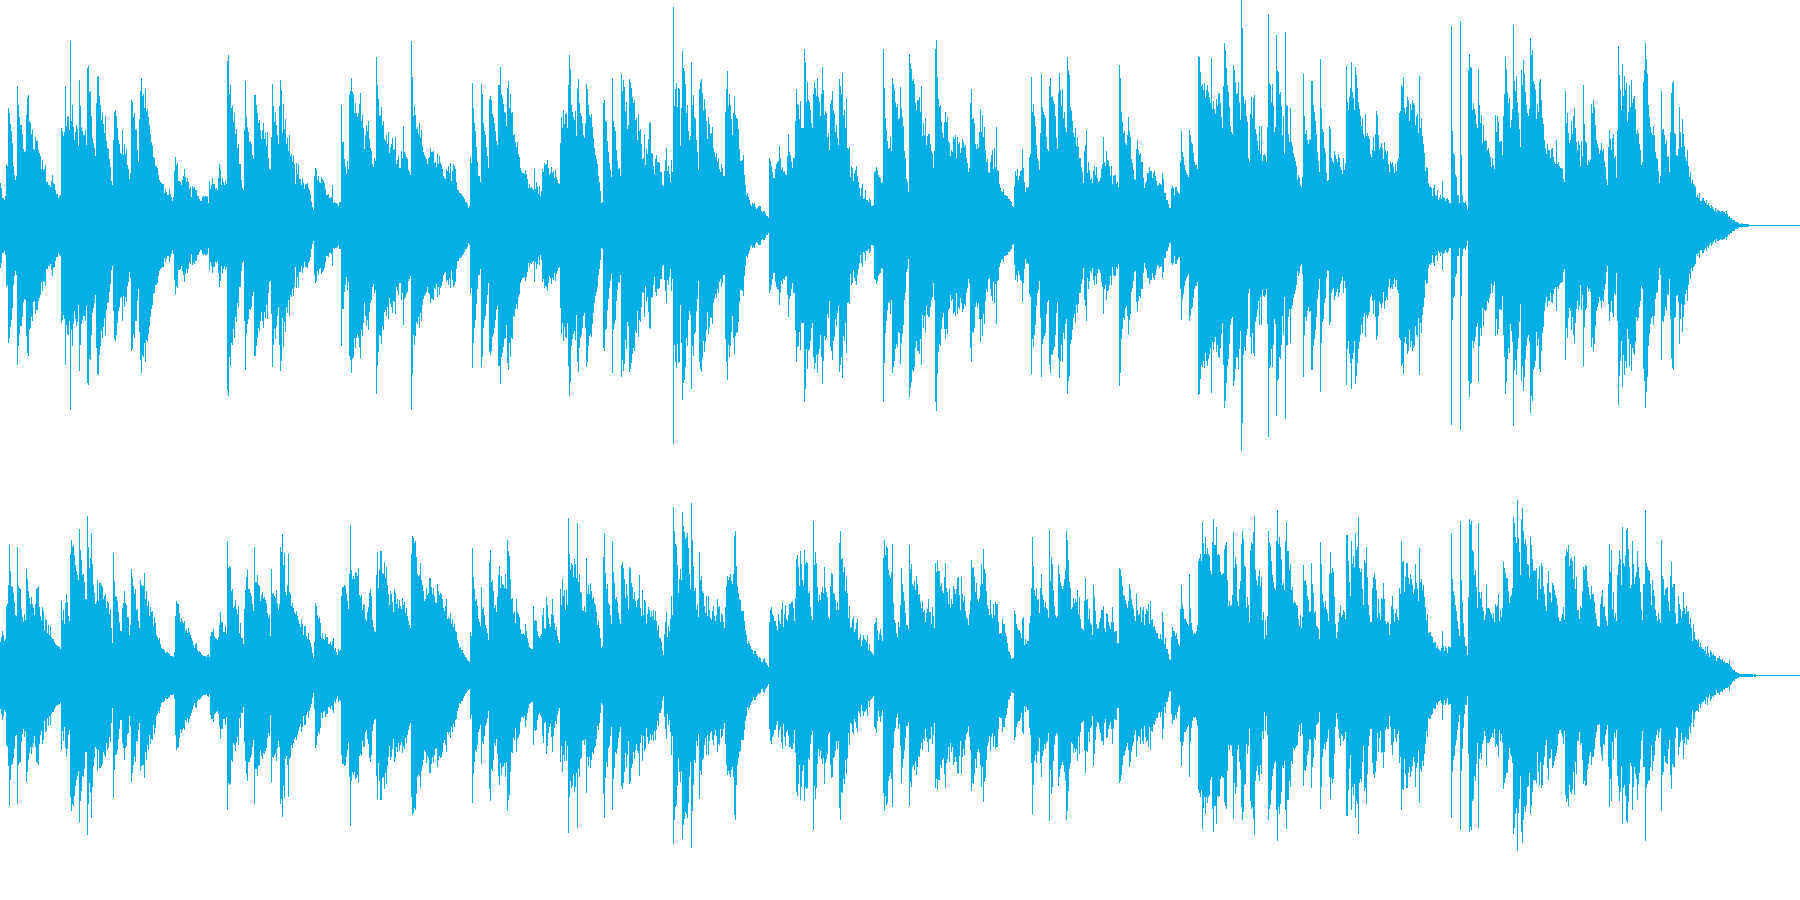 穏やかなくつろぎのひとときの再生済みの波形